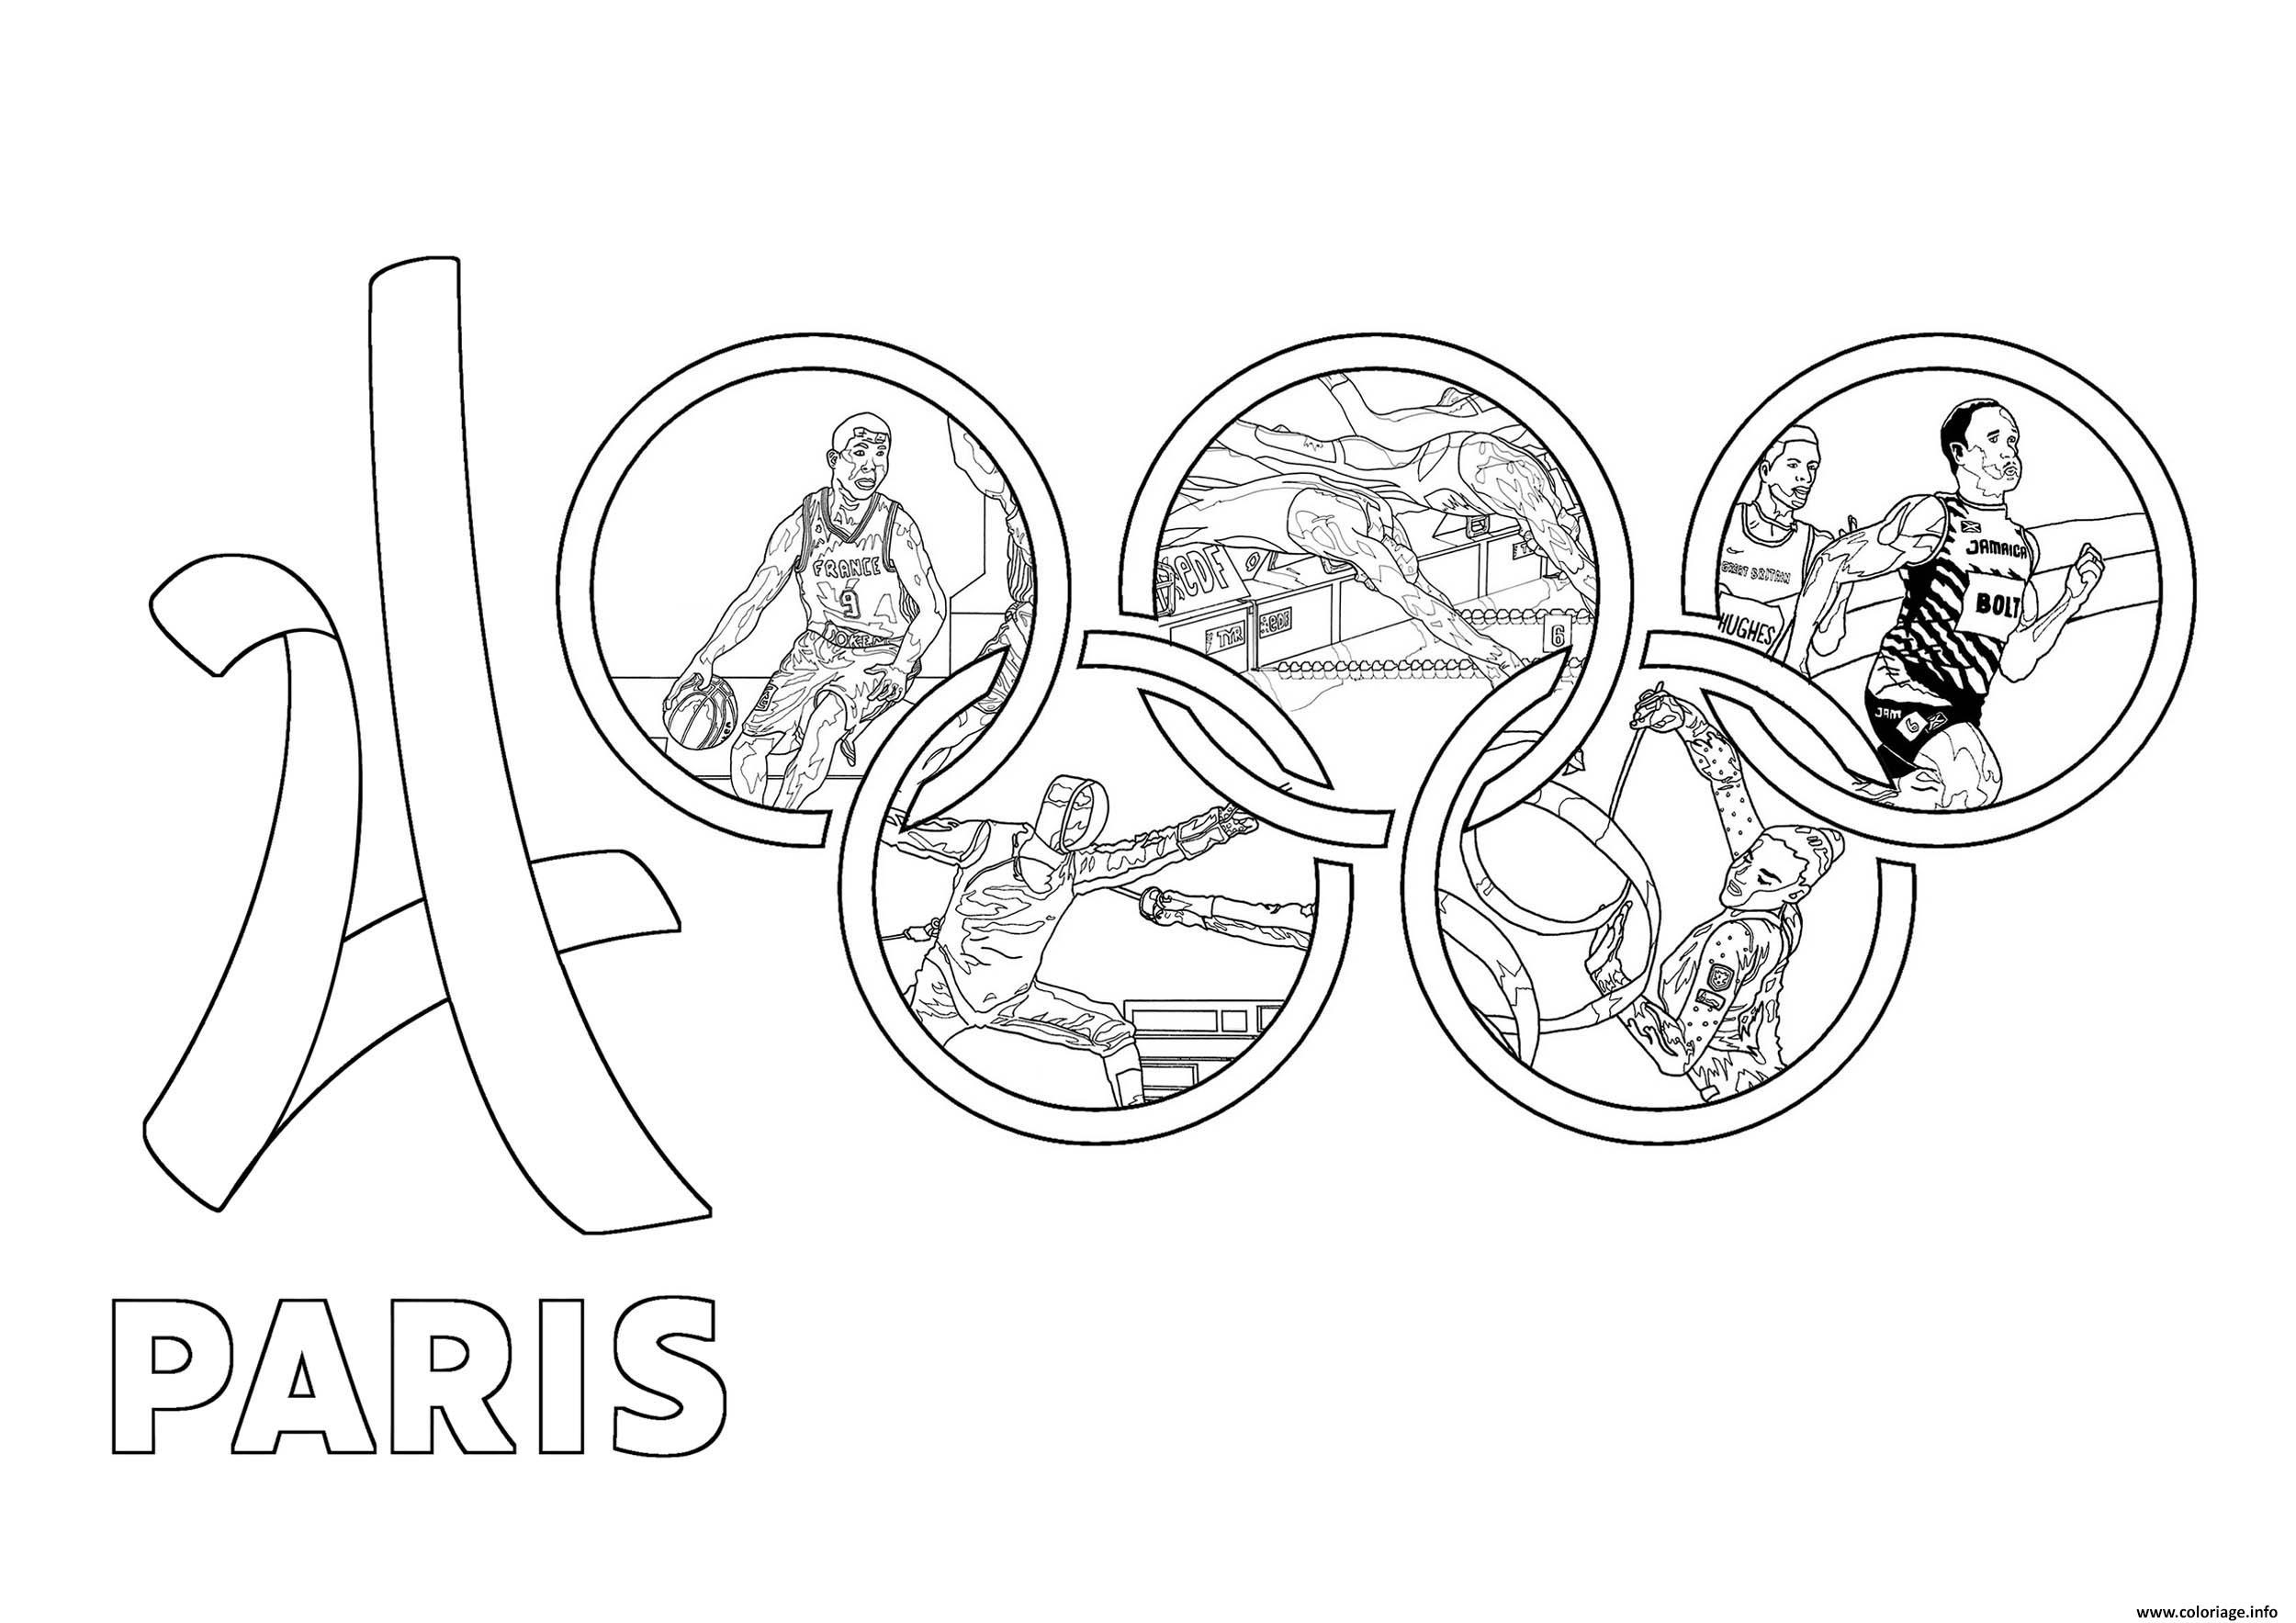 Dessin jeux olympiques paris 2024 Coloriage Gratuit à Imprimer